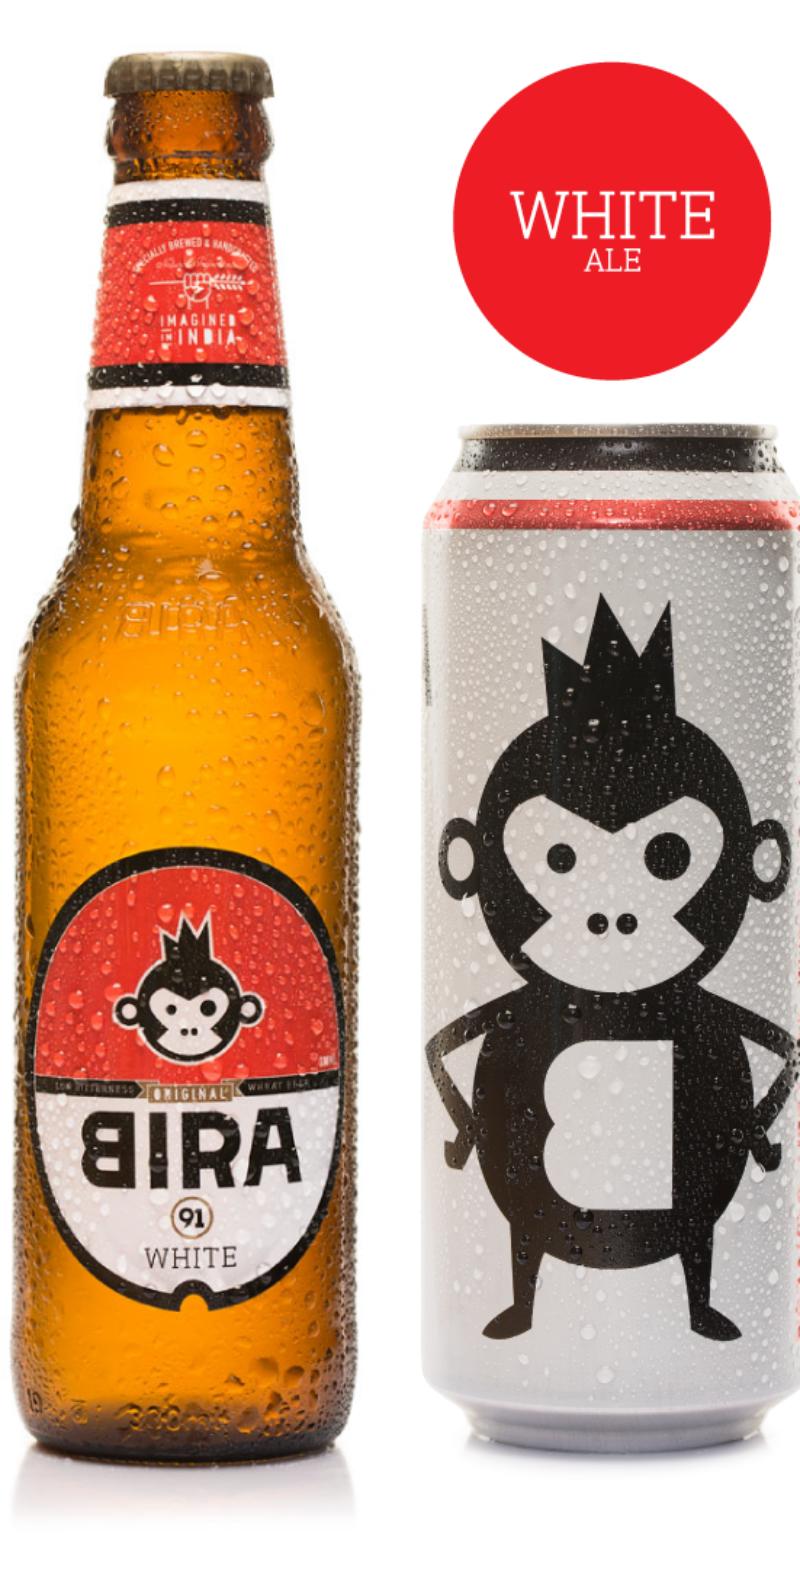 Bira bottles